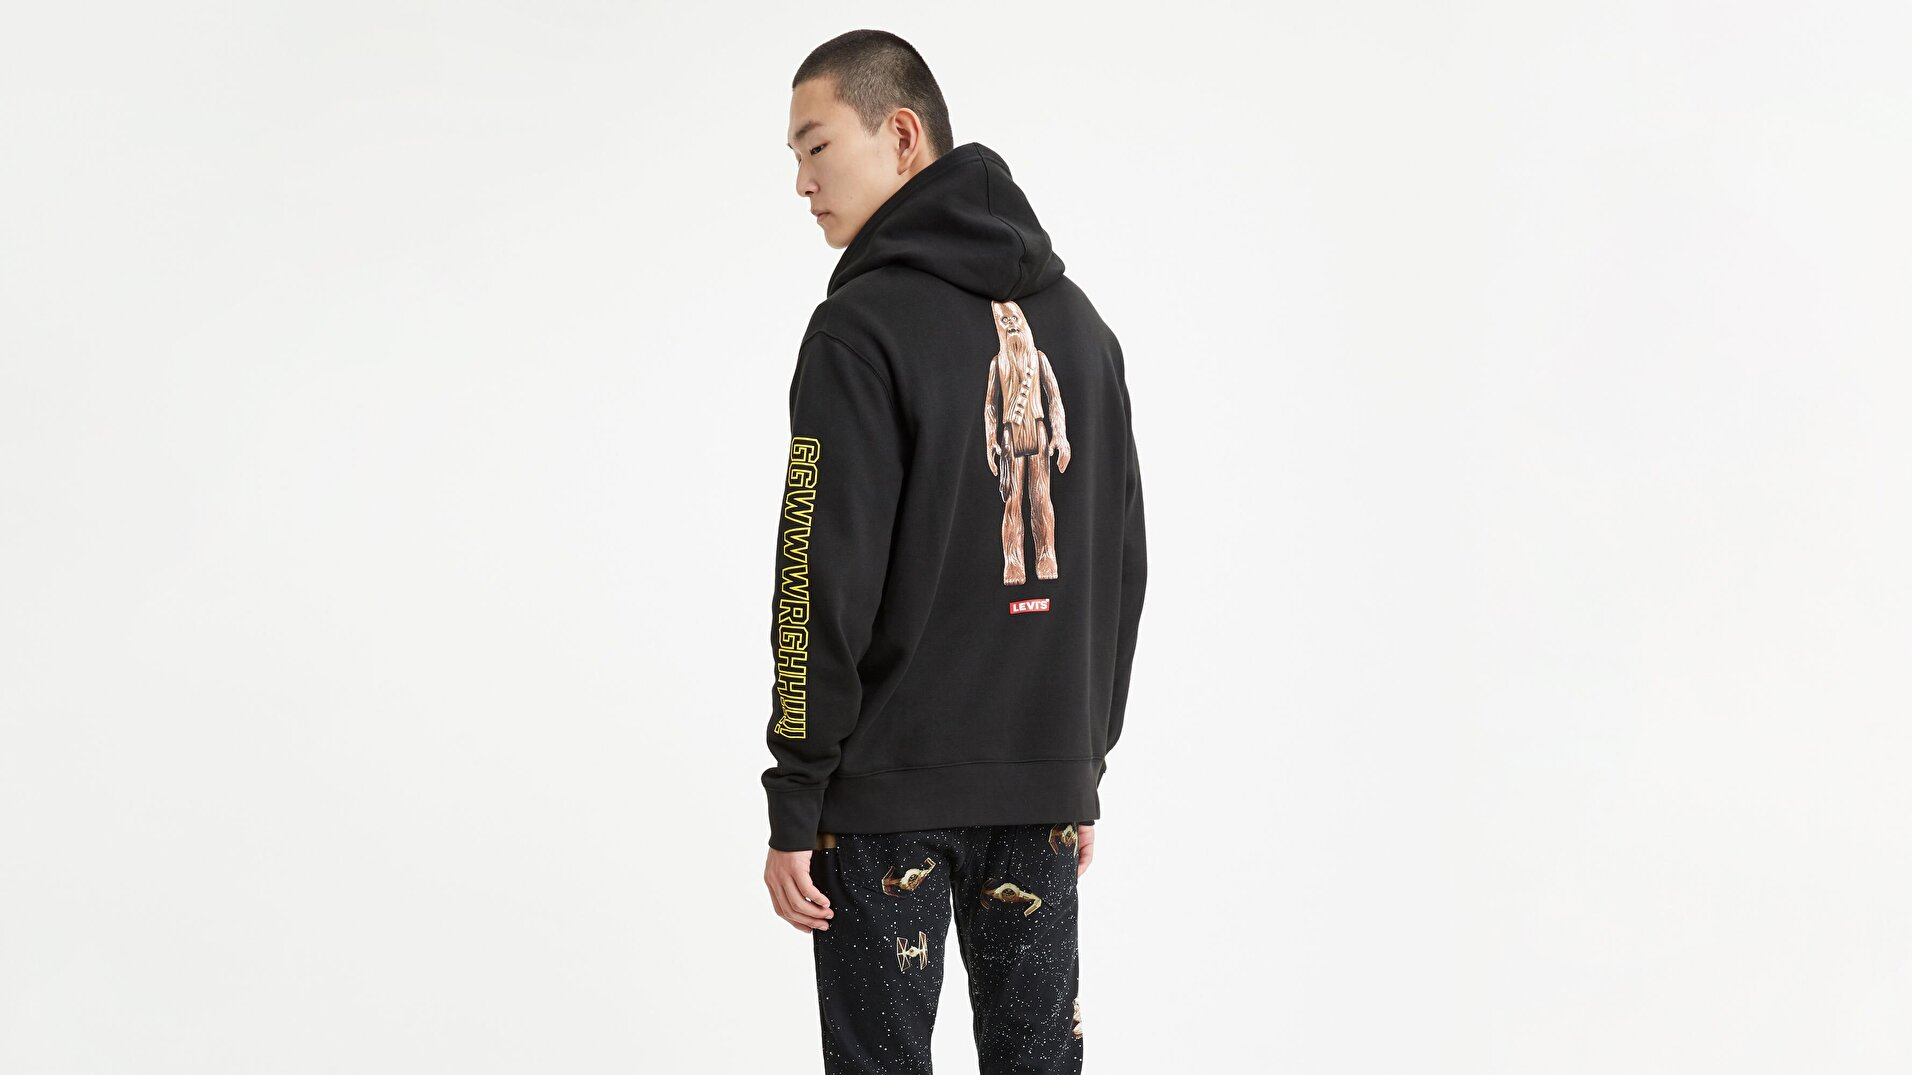 Graphic Po Hoodie- B T2 Chewbacca Siyah Erkek Kapüşonlu Sweatshirt